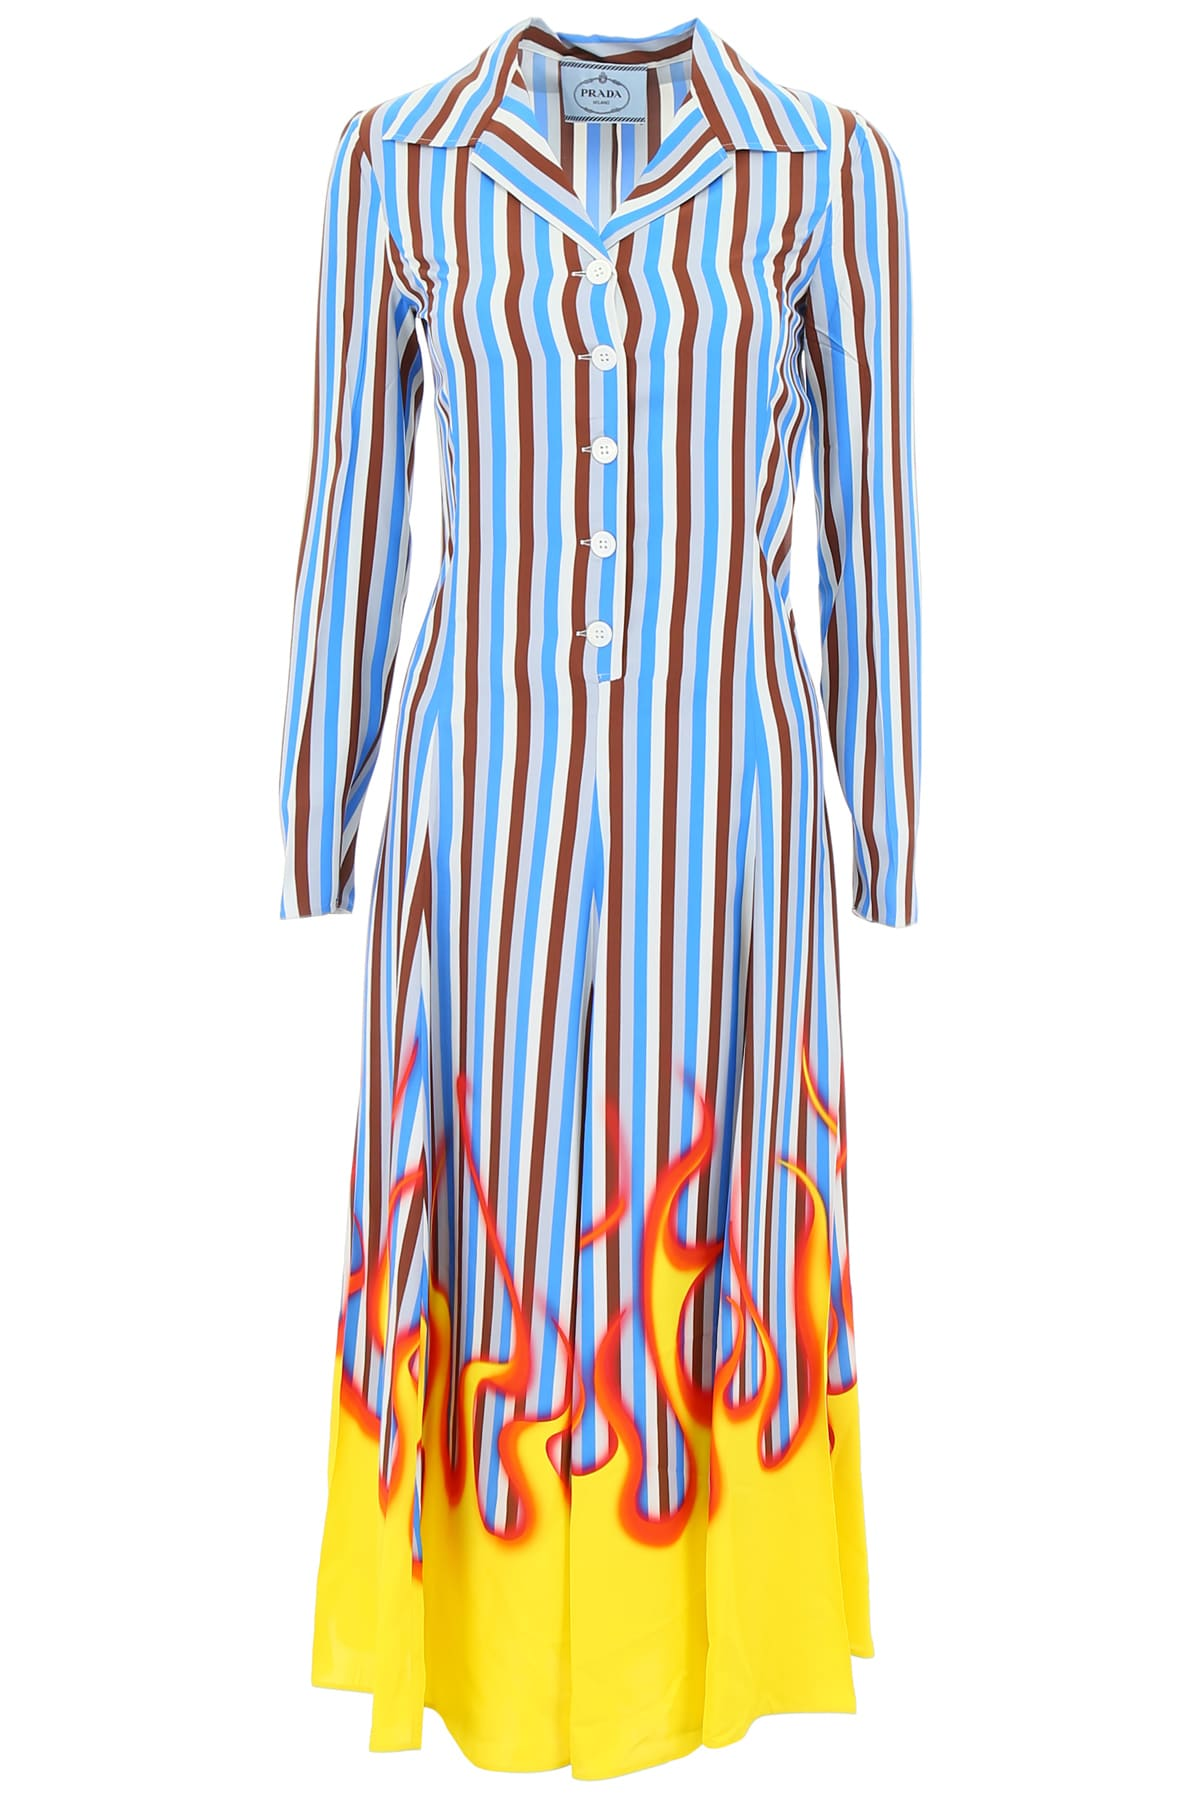 Prada Shirt Dress